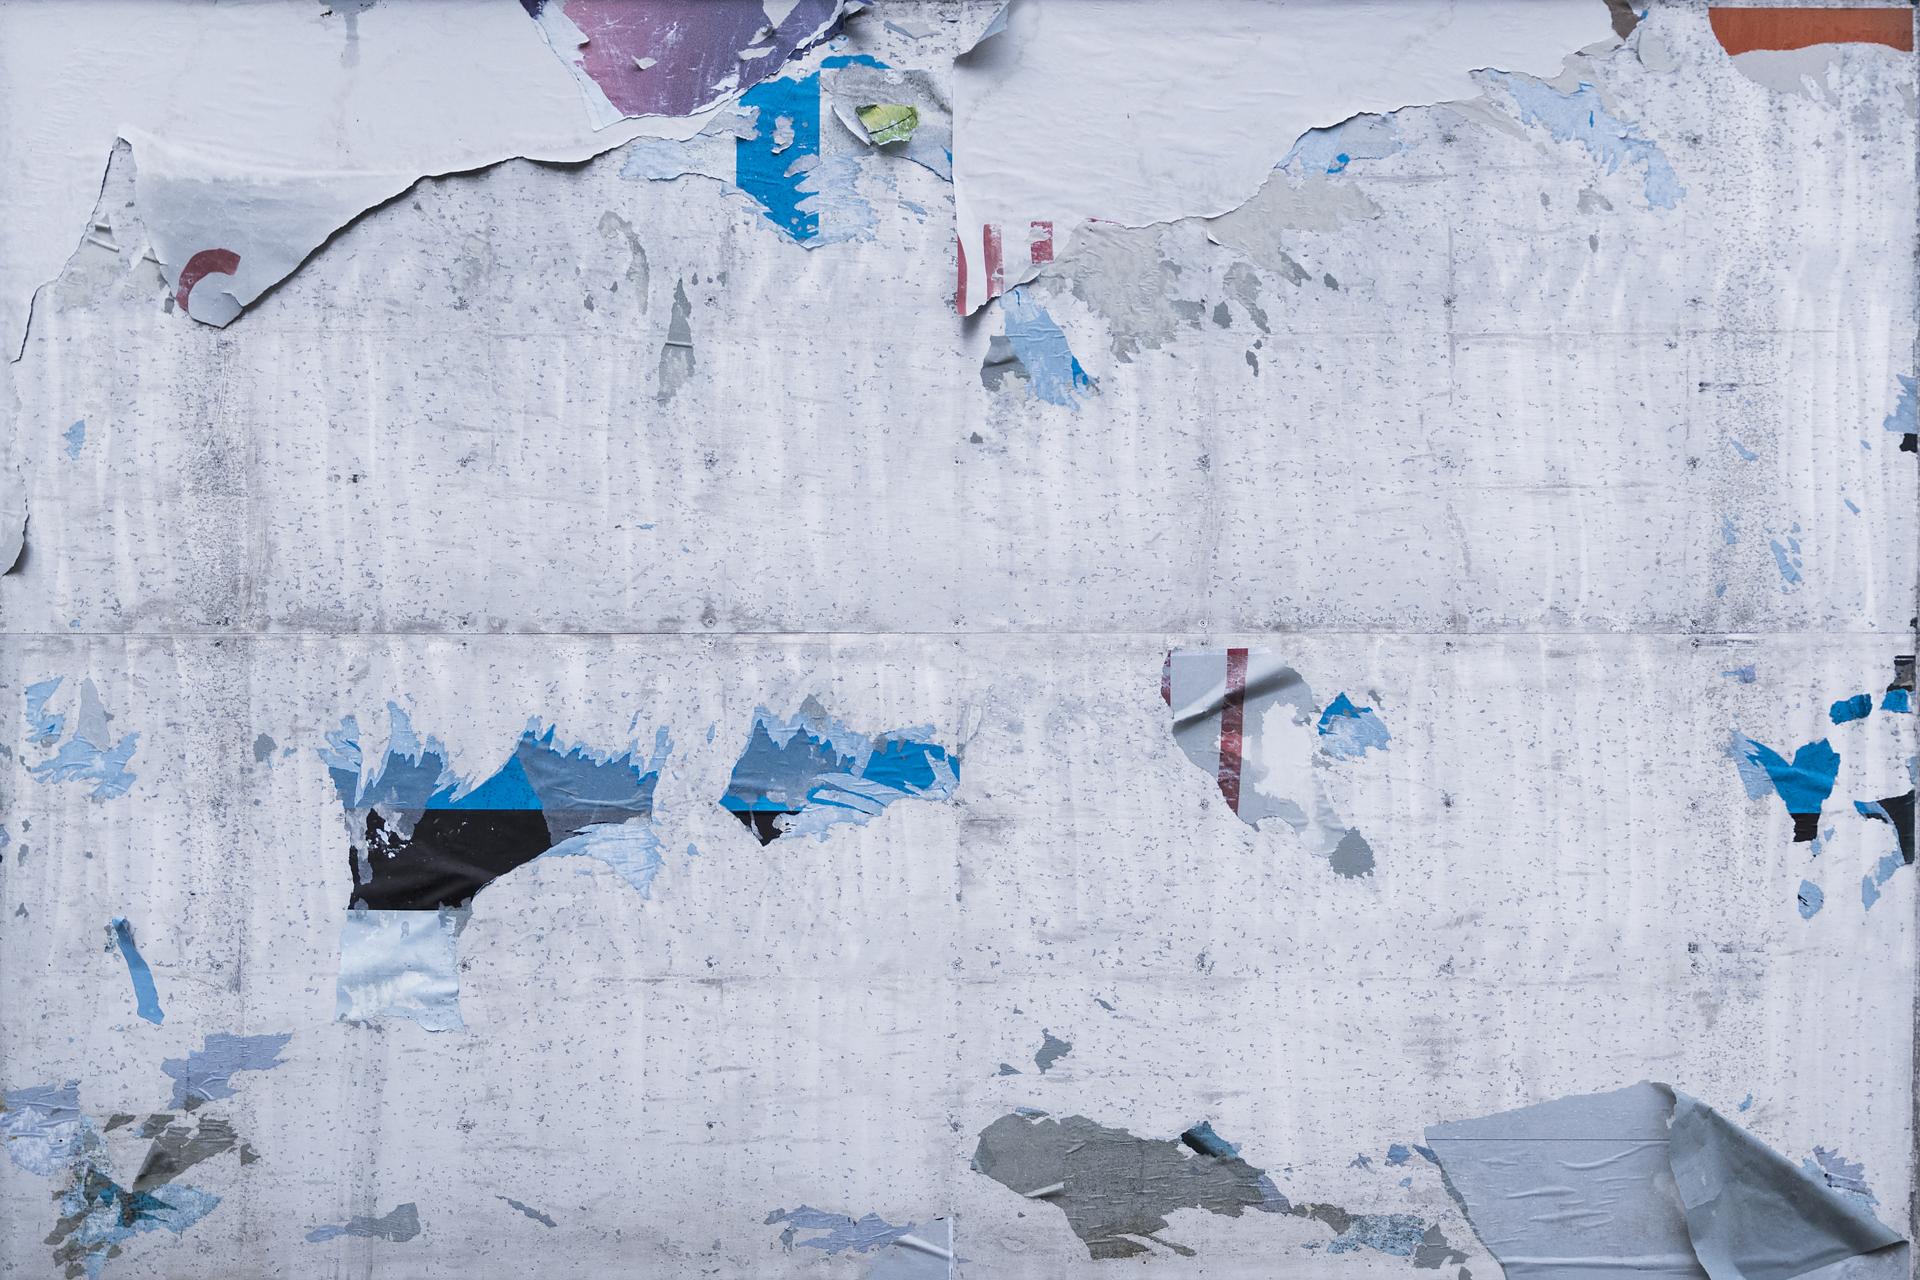 rückständig VI • Lambda-Print auf FUJIFILM Crystal Archive DPII, 60 x 40 cm, rahmenloser Bilderhalter • Auflage: 5 + 2 Artist's Proof